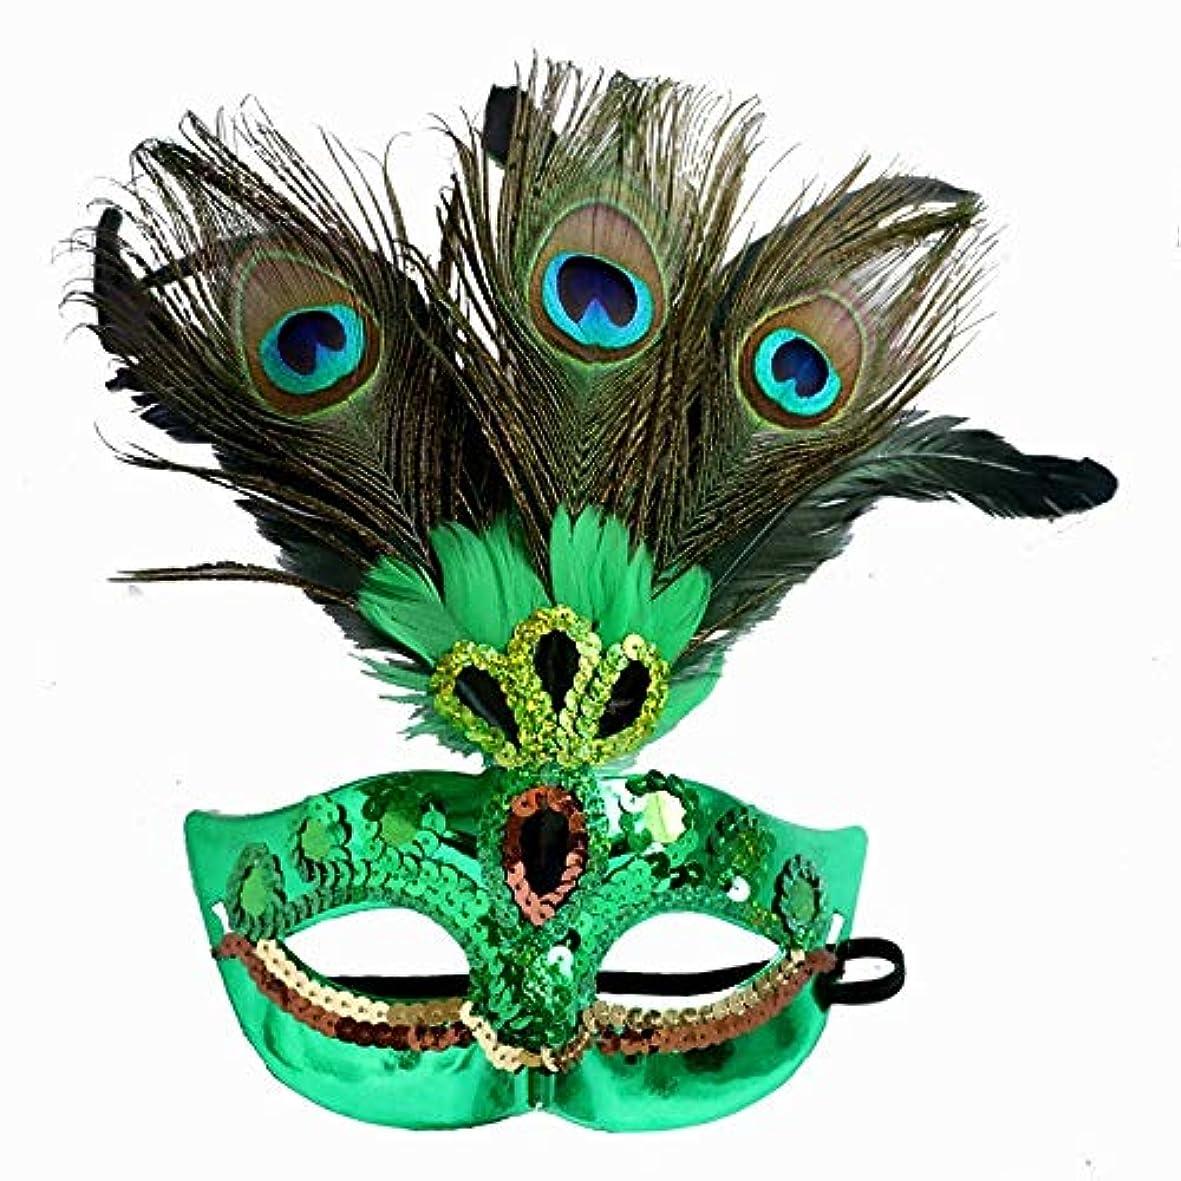 ケーブル忌避剤コンパニオンダンスマスク 仮面舞踏会マスククジャクの羽パーティー衣装ハロウィンマスクボール目猫女性マスクハーフマスク ホリデーパーティー用品 (色 : 緑, サイズ : 18x25cm)